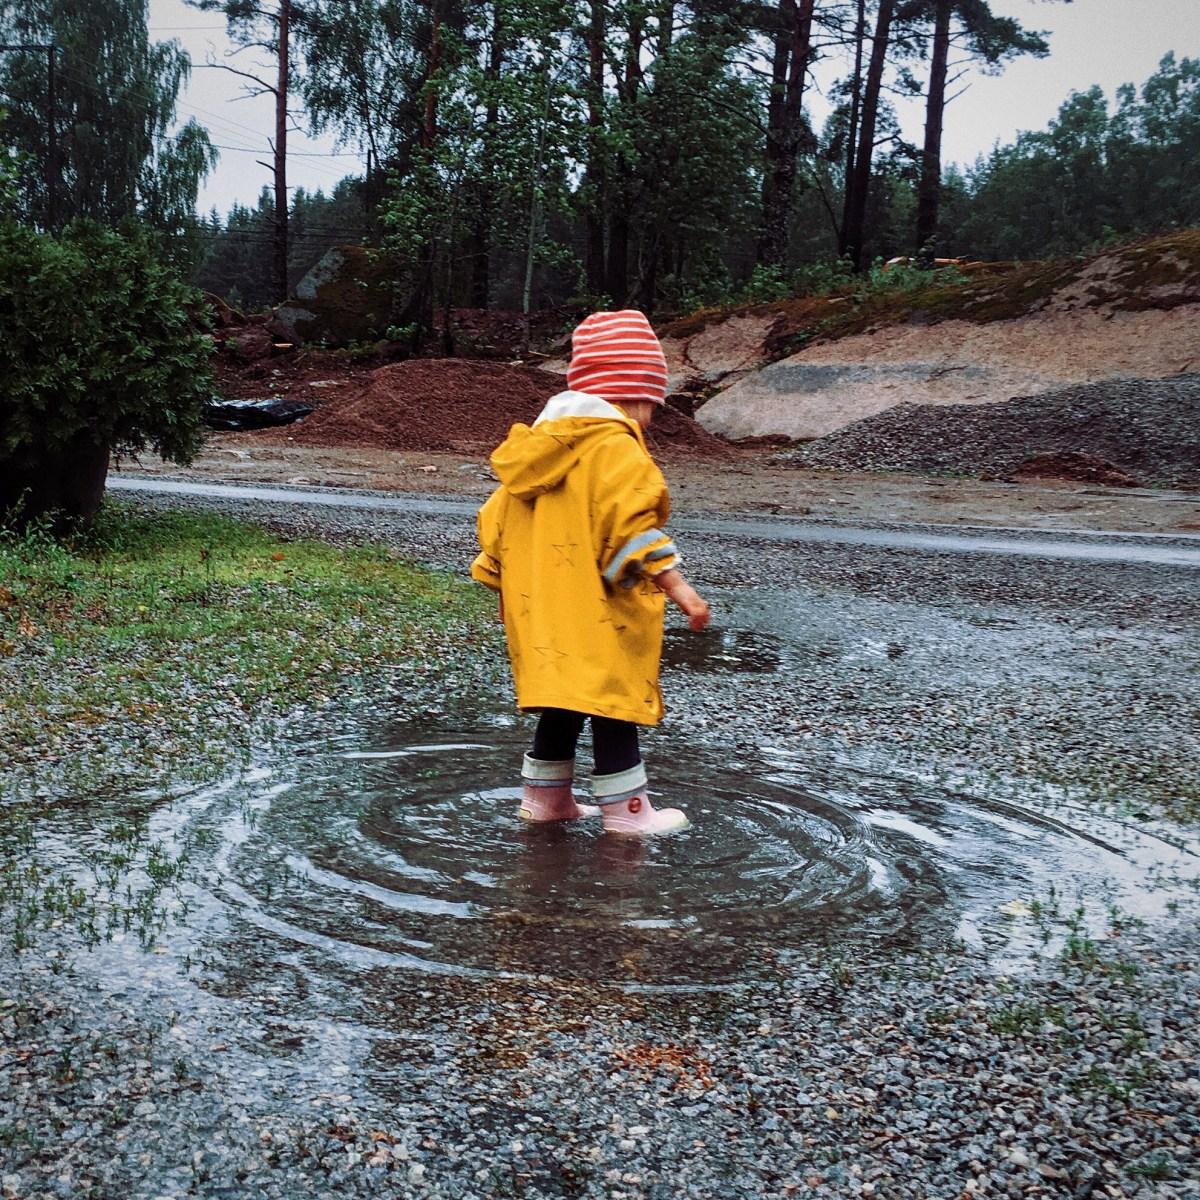 Mitä jos vappuna sataa?